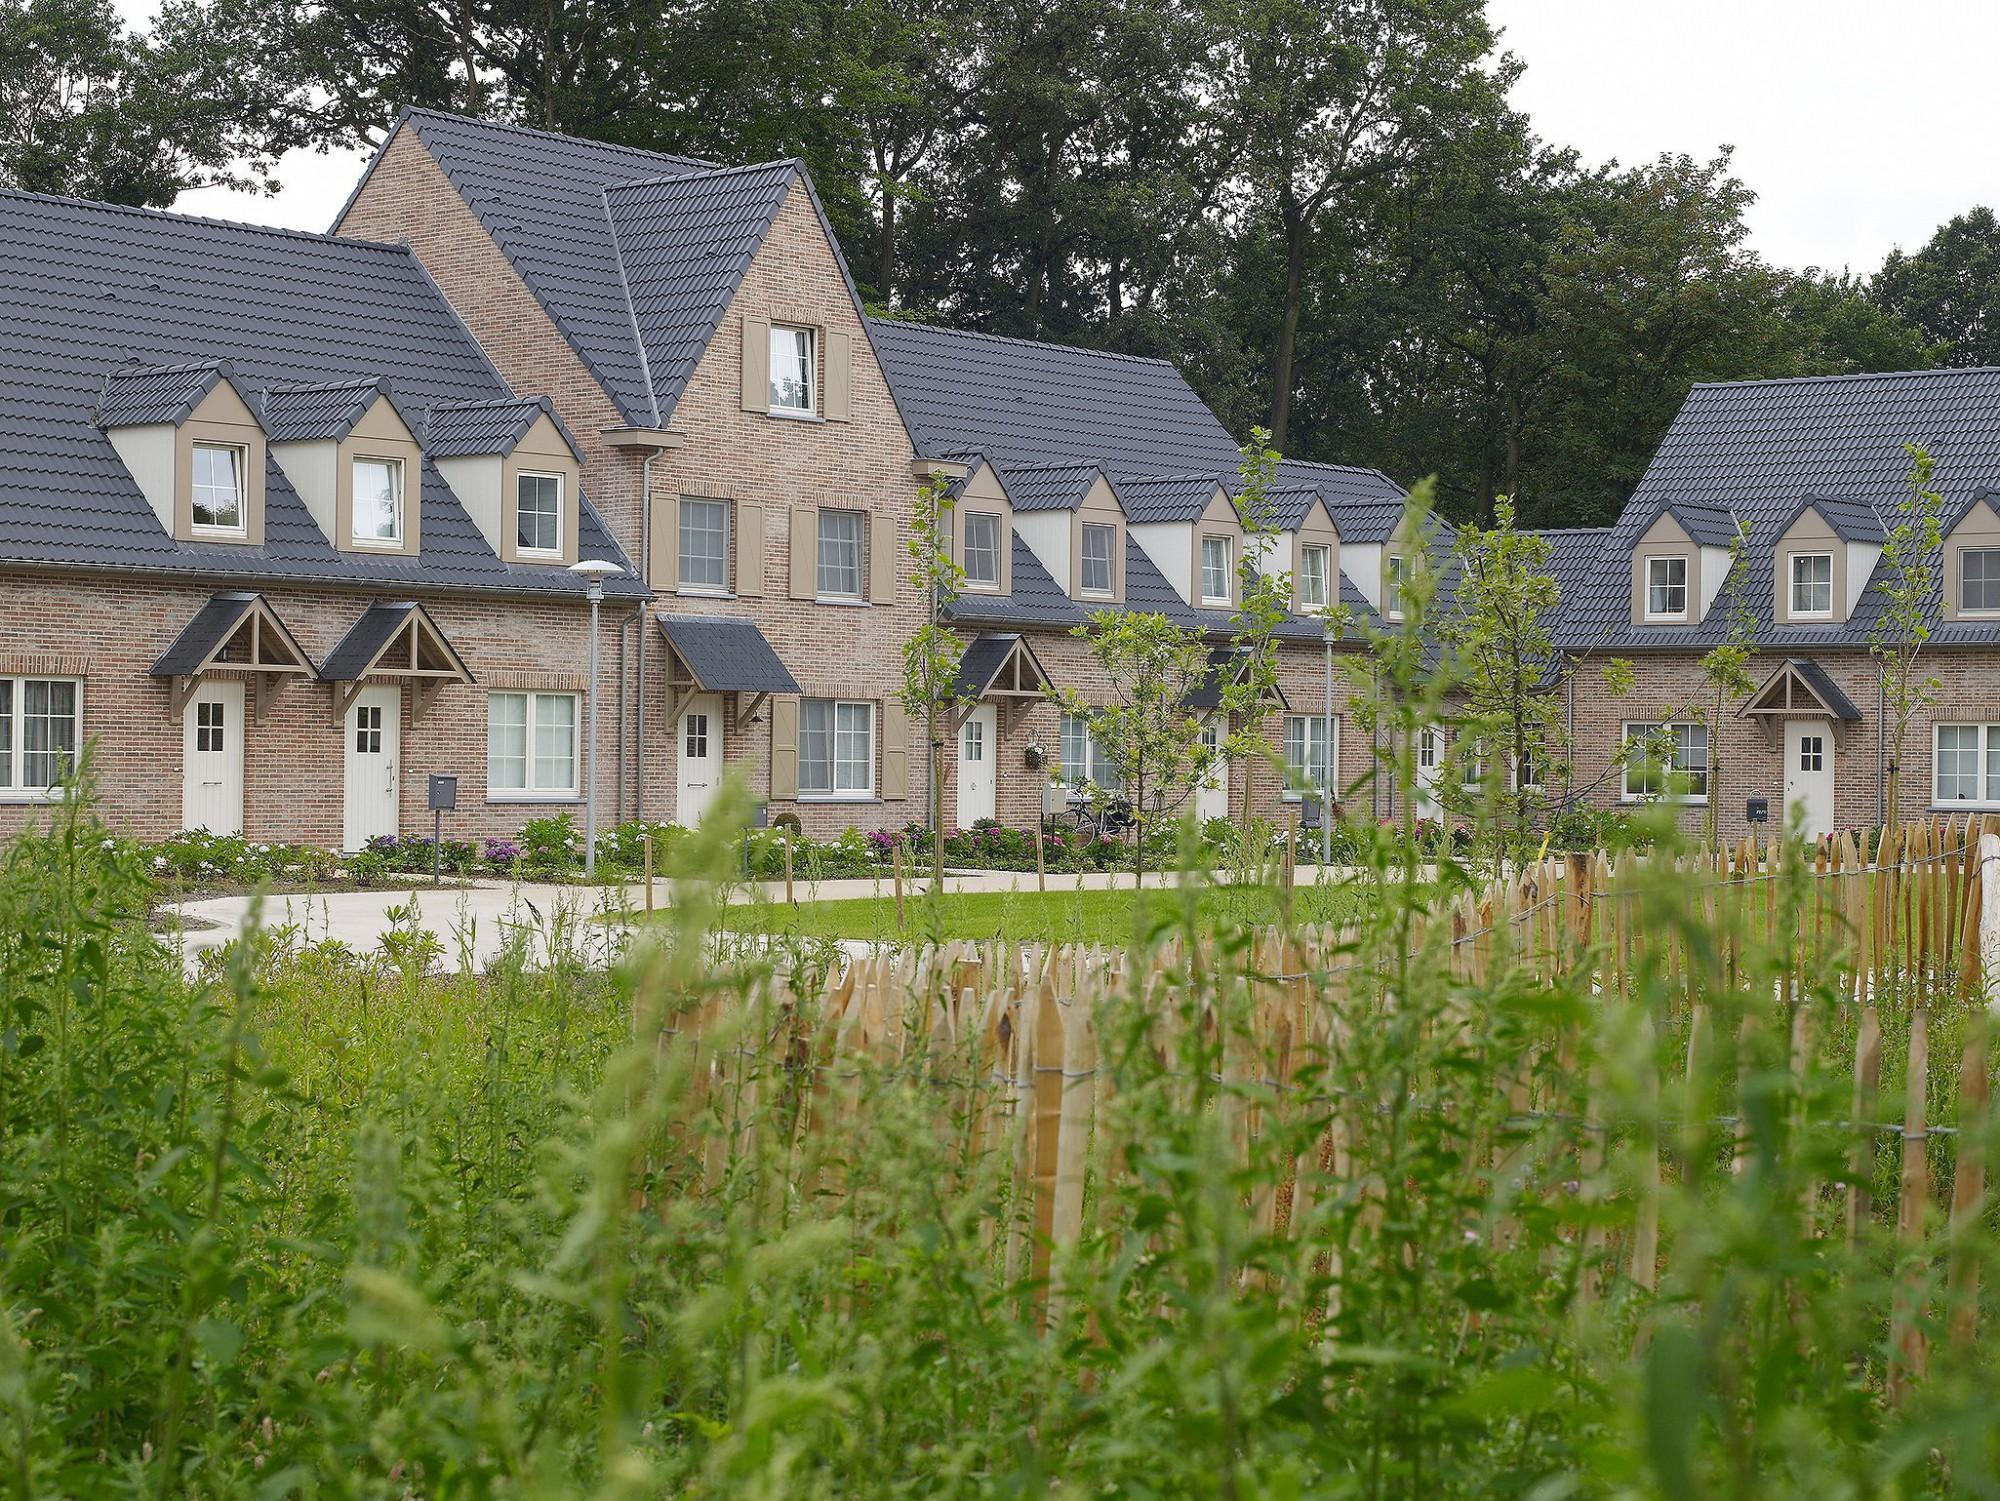 Afbeelding: Architectuur fotografie woningen Foto Van Huffel, klassiek woonproject Parkzicht te Lille, voor bouwonderneming RDK